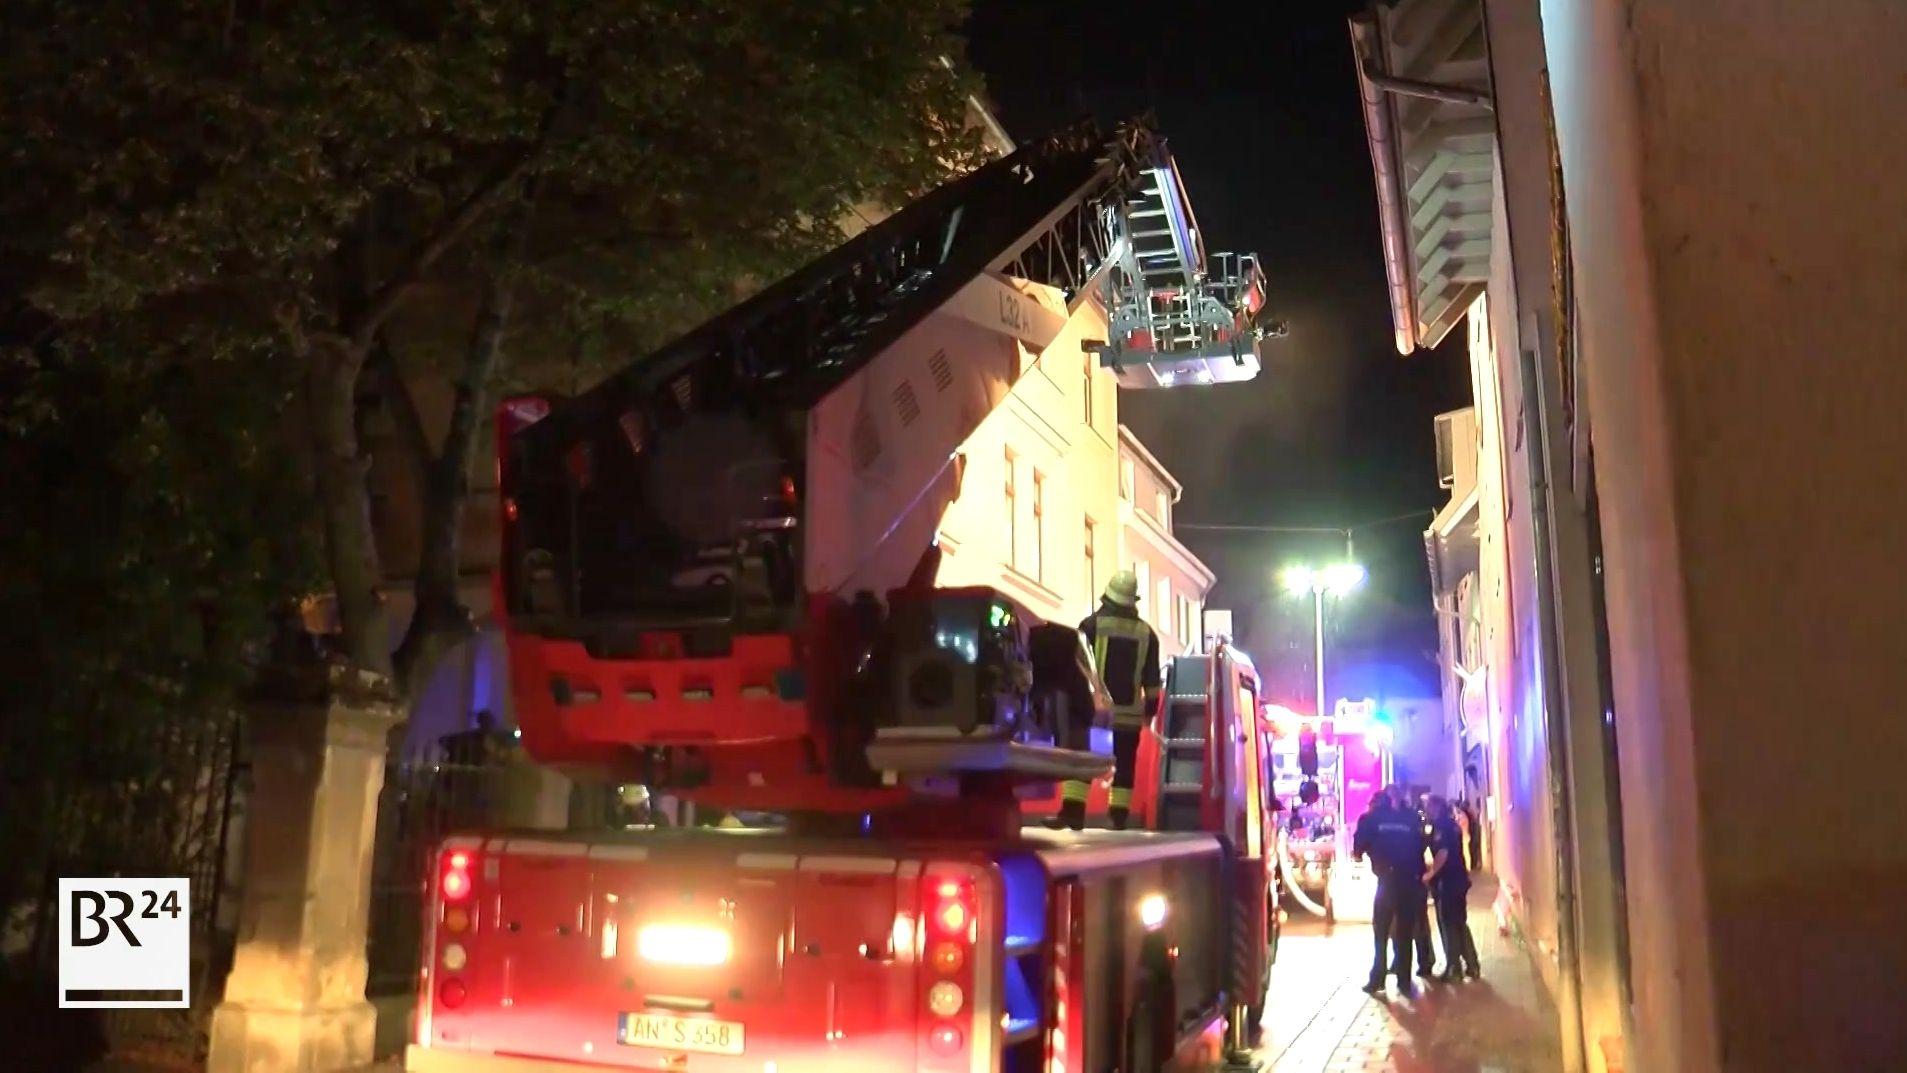 Feuerwehrfahrzeuge in enger Straße in Ansbach